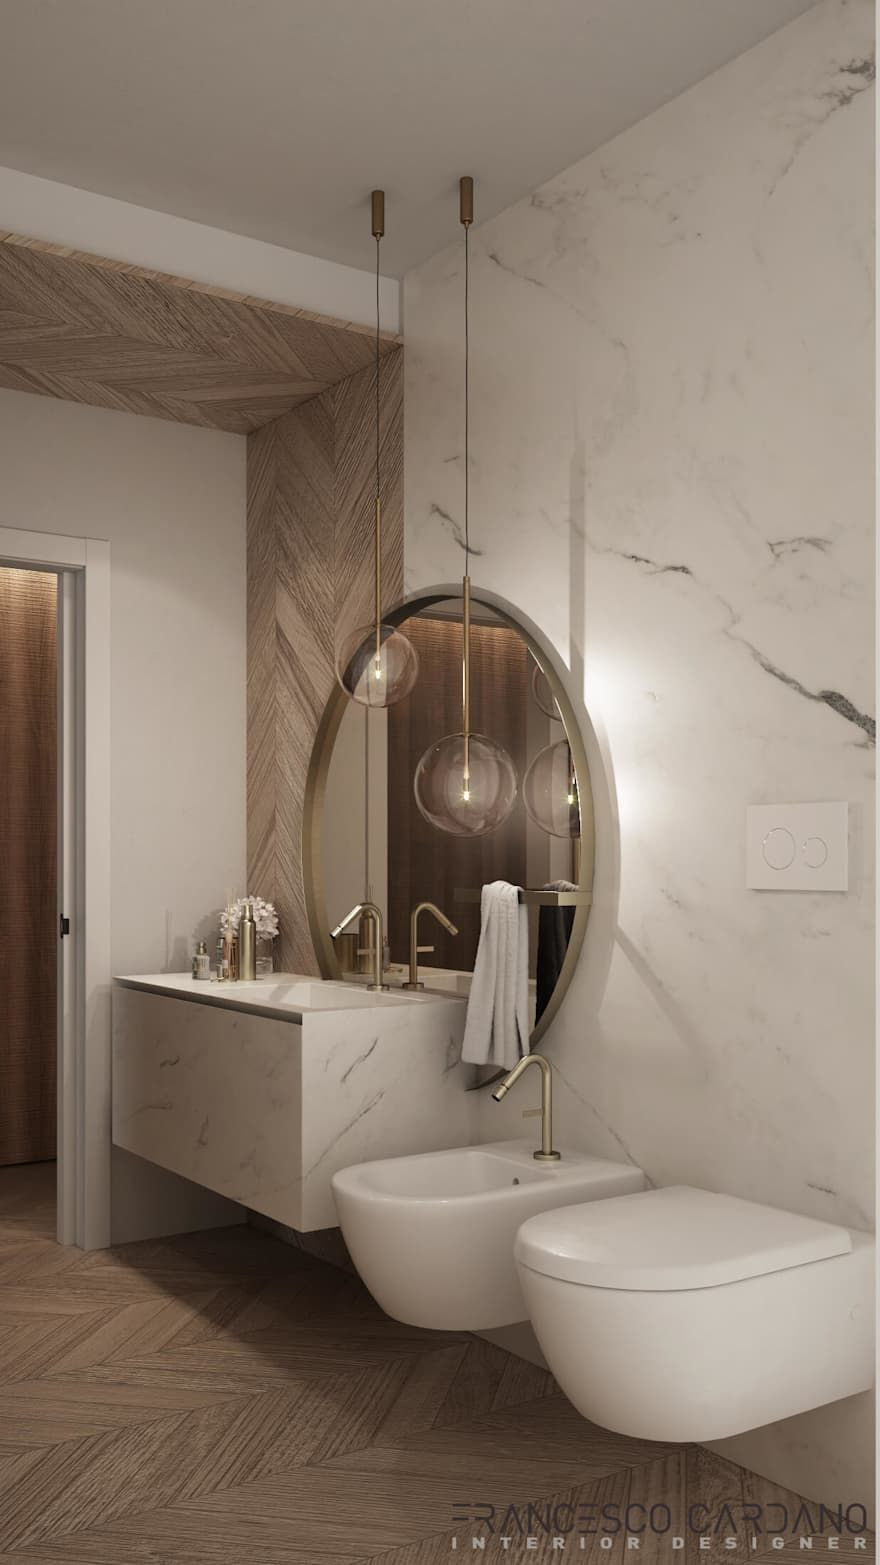 Idee Arredamento Casa Interior Design Nel 2020 Arredamento